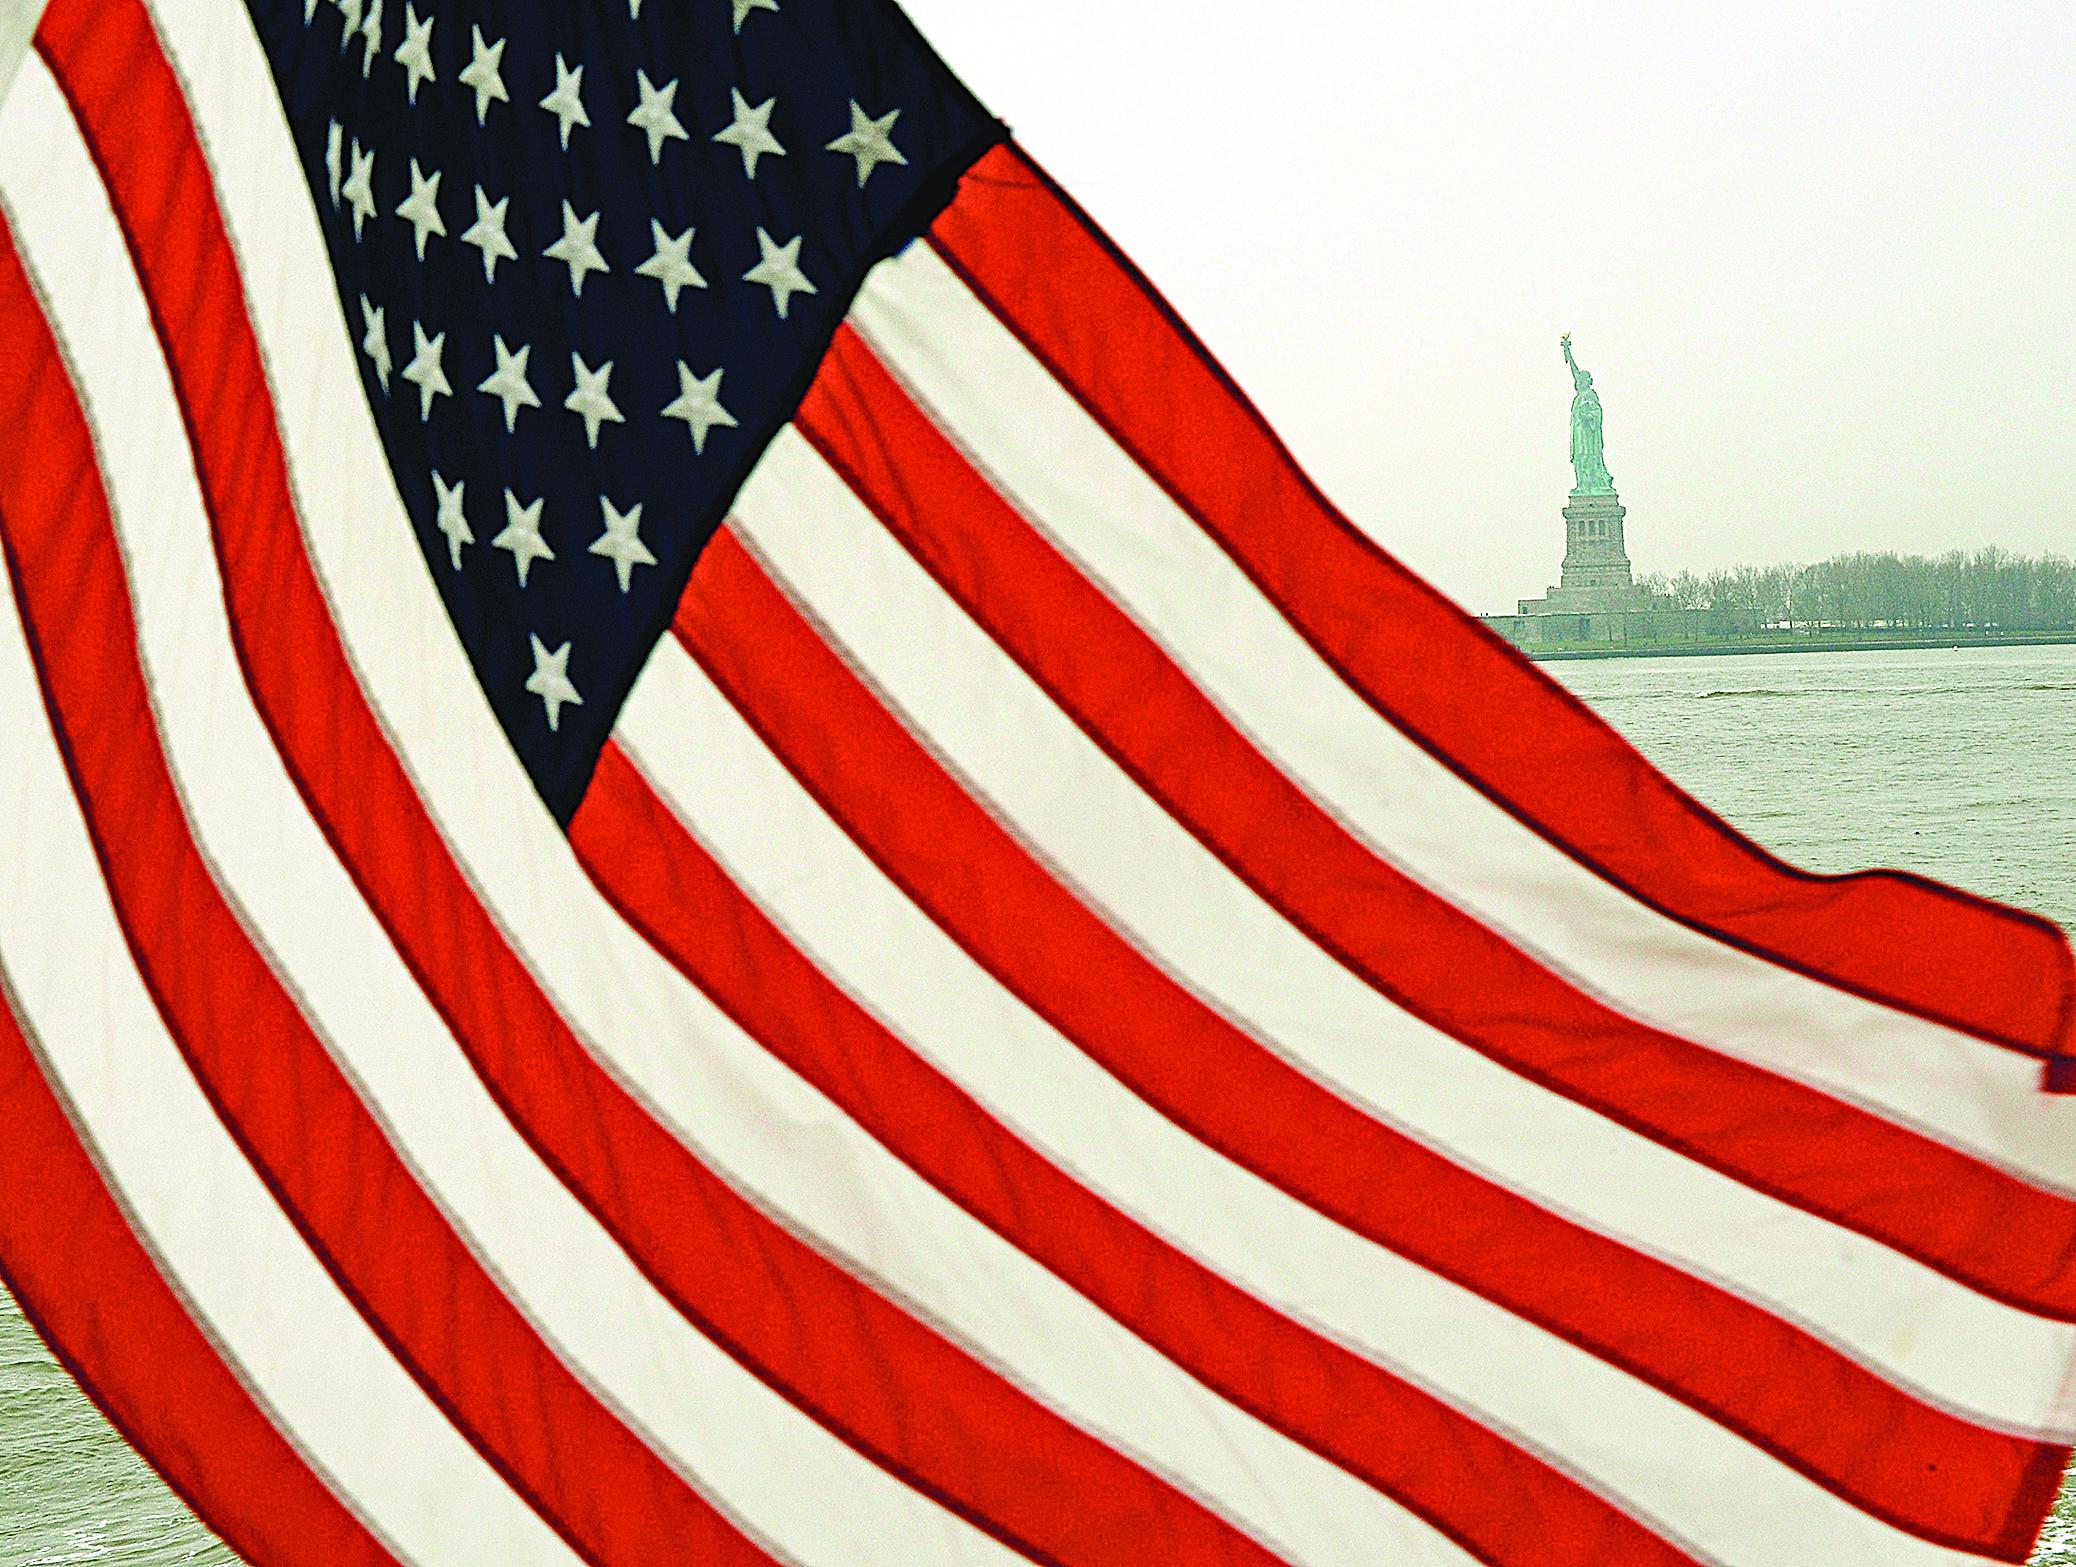 美國的繁榮與建國理念的聯繫